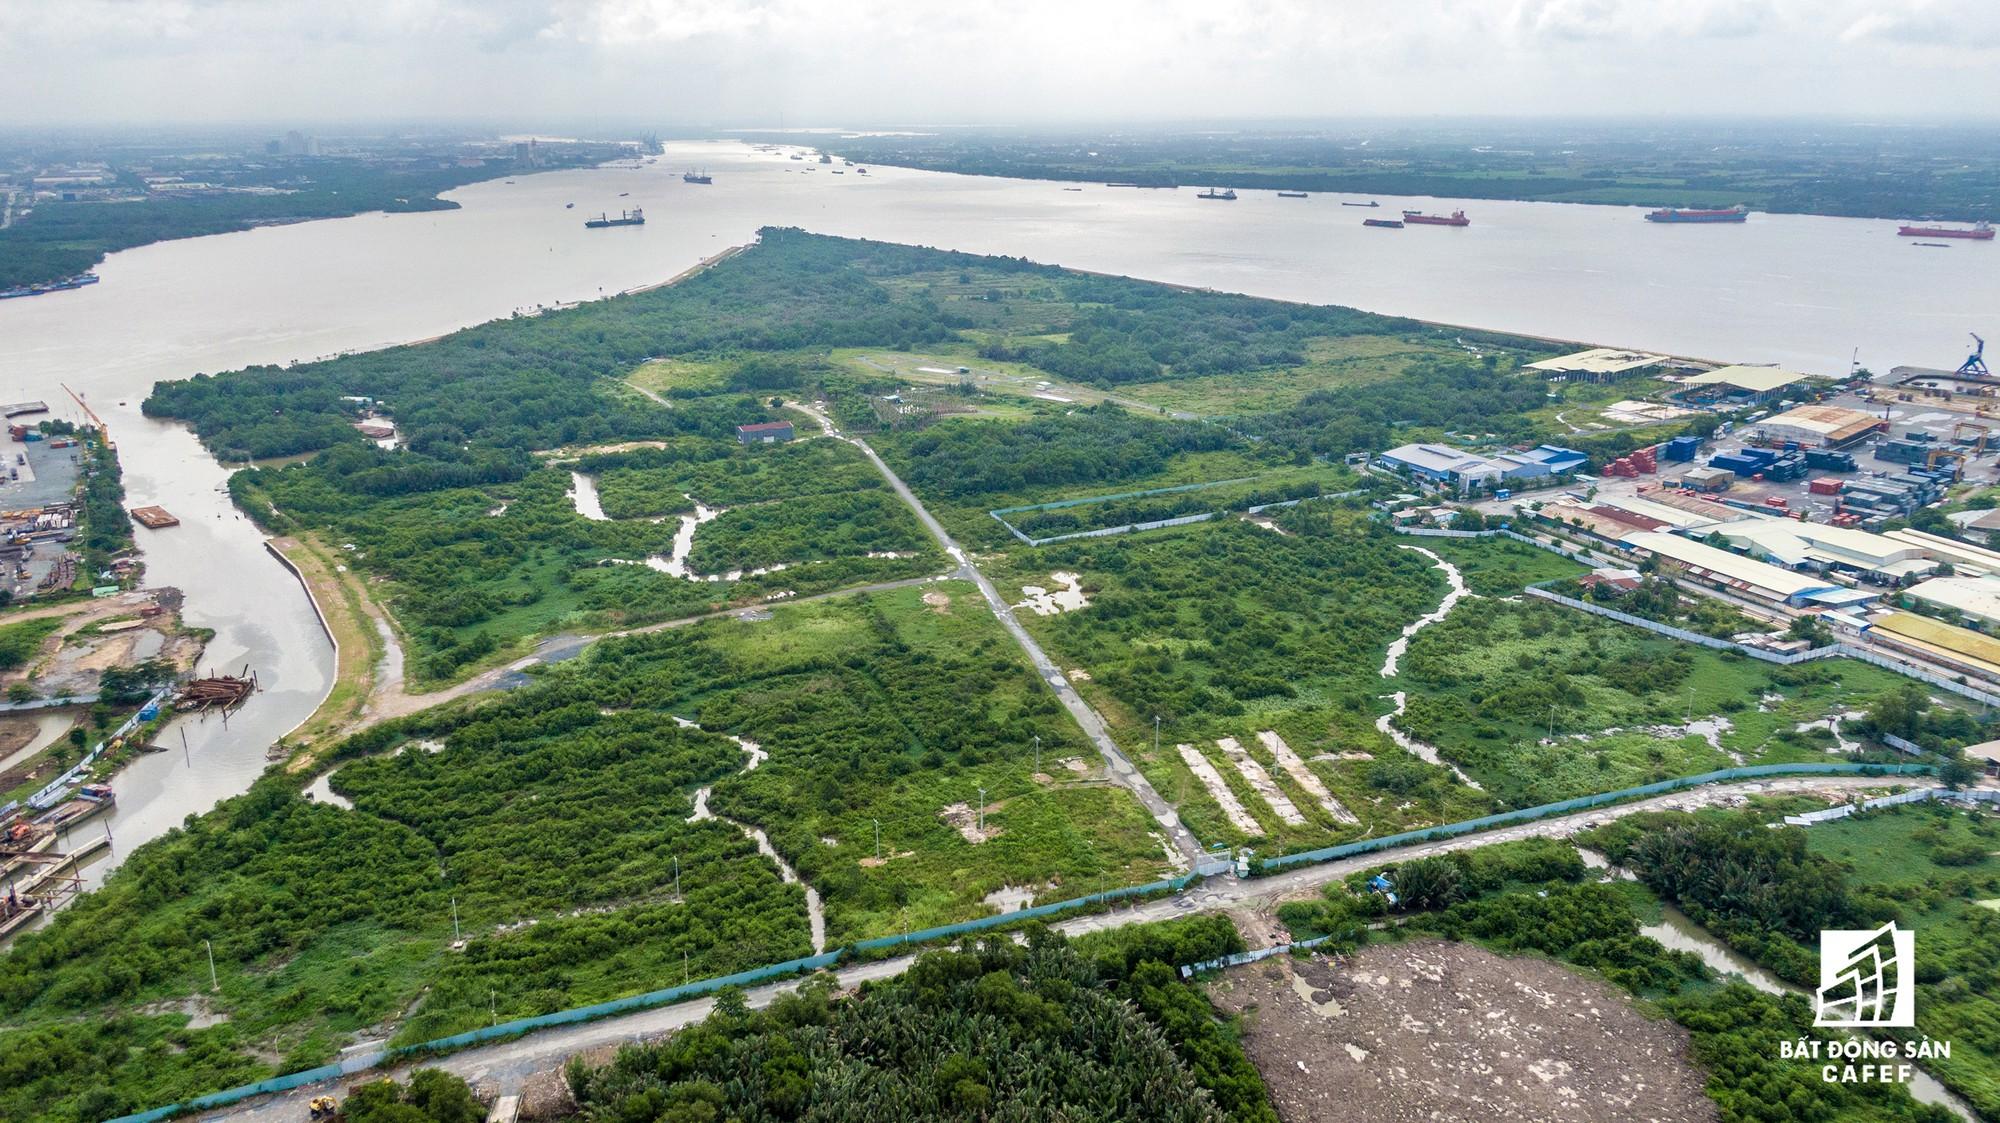 Diện mạo hai bờ sông Sài Gòn tương lai nhìn từ loạt siêu dự án tỷ đô, khu vực trung tâm giá nhà lên hơn 1 tỷ đồng/m2 - Ảnh 19.